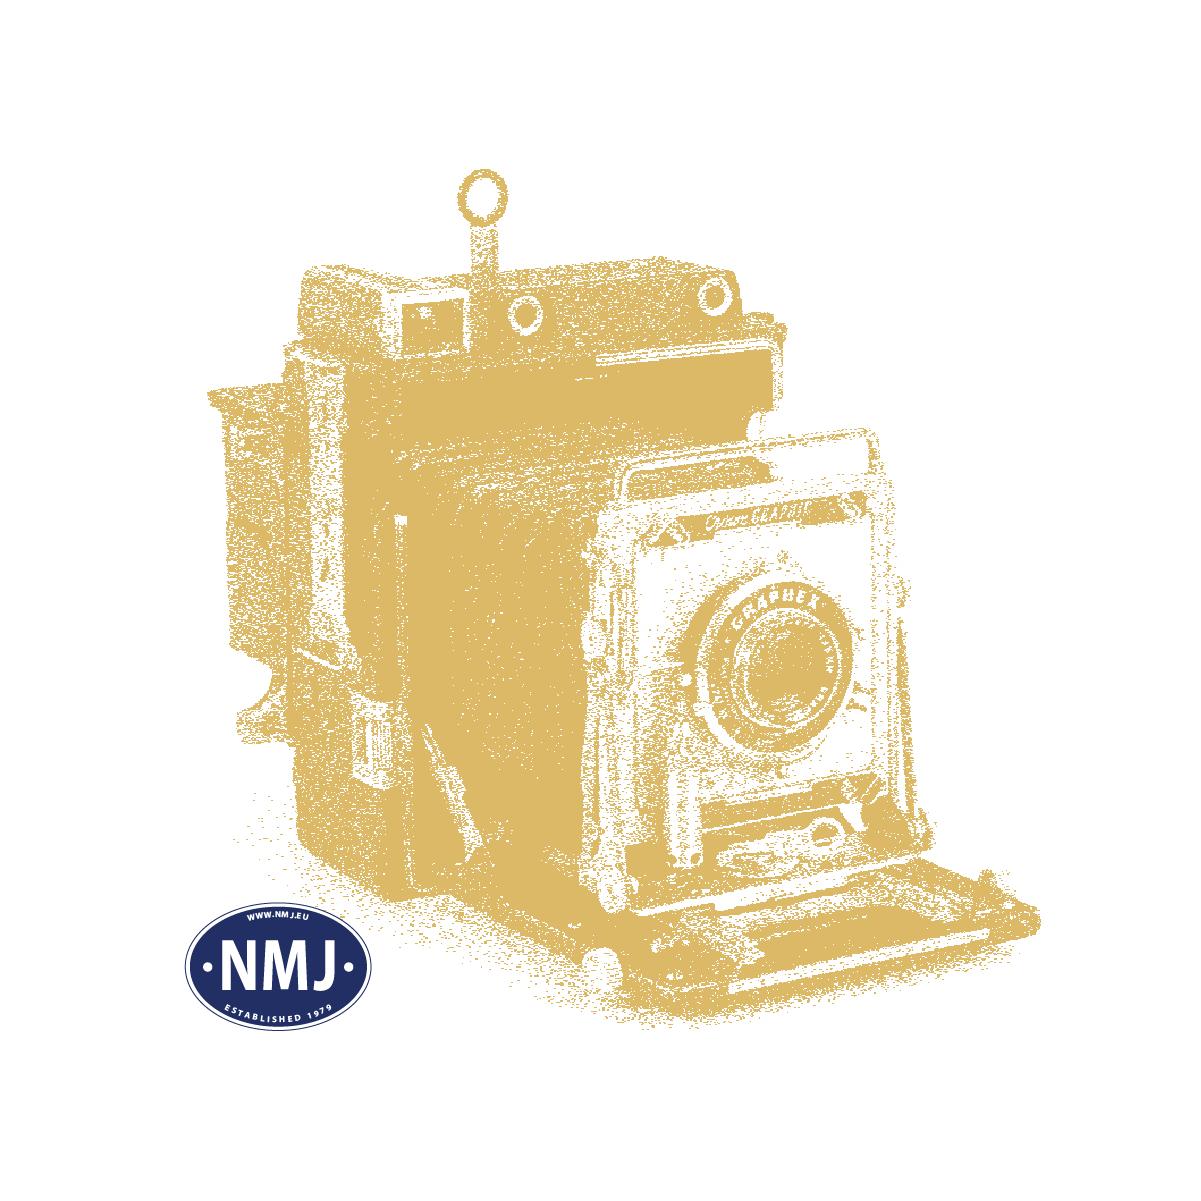 NMJT120.990 - NMJ Topline NSB B7-serie Interiørlys DC/DCC